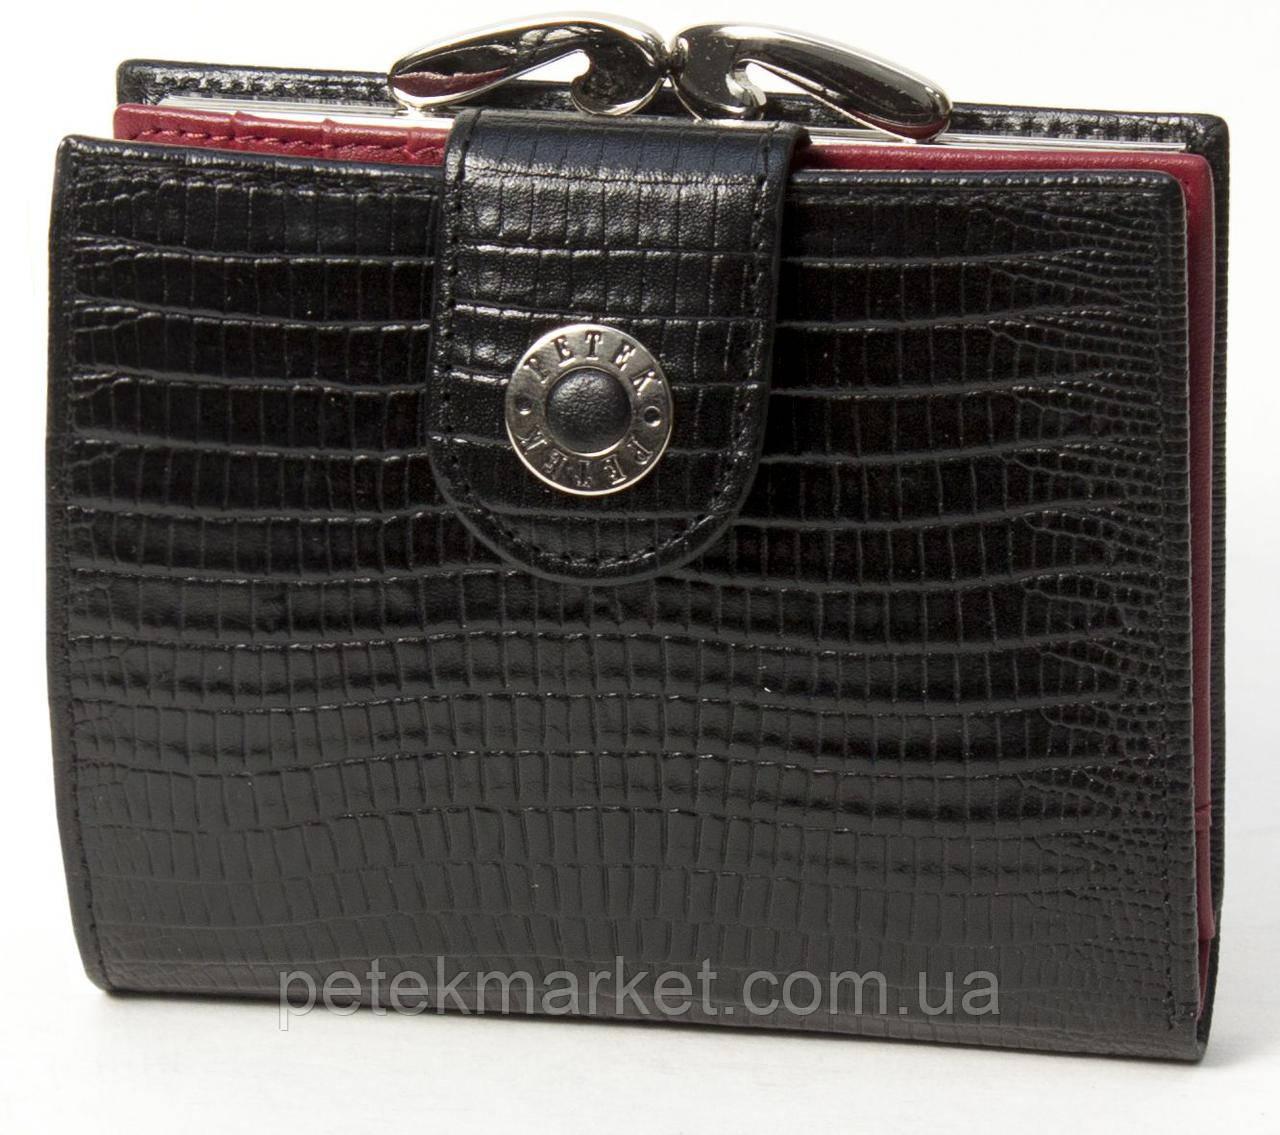 36001d504ffb Женское Портмоне PETEK 336/1 Черно-красный (336/1-041+4000-A31) — в ...